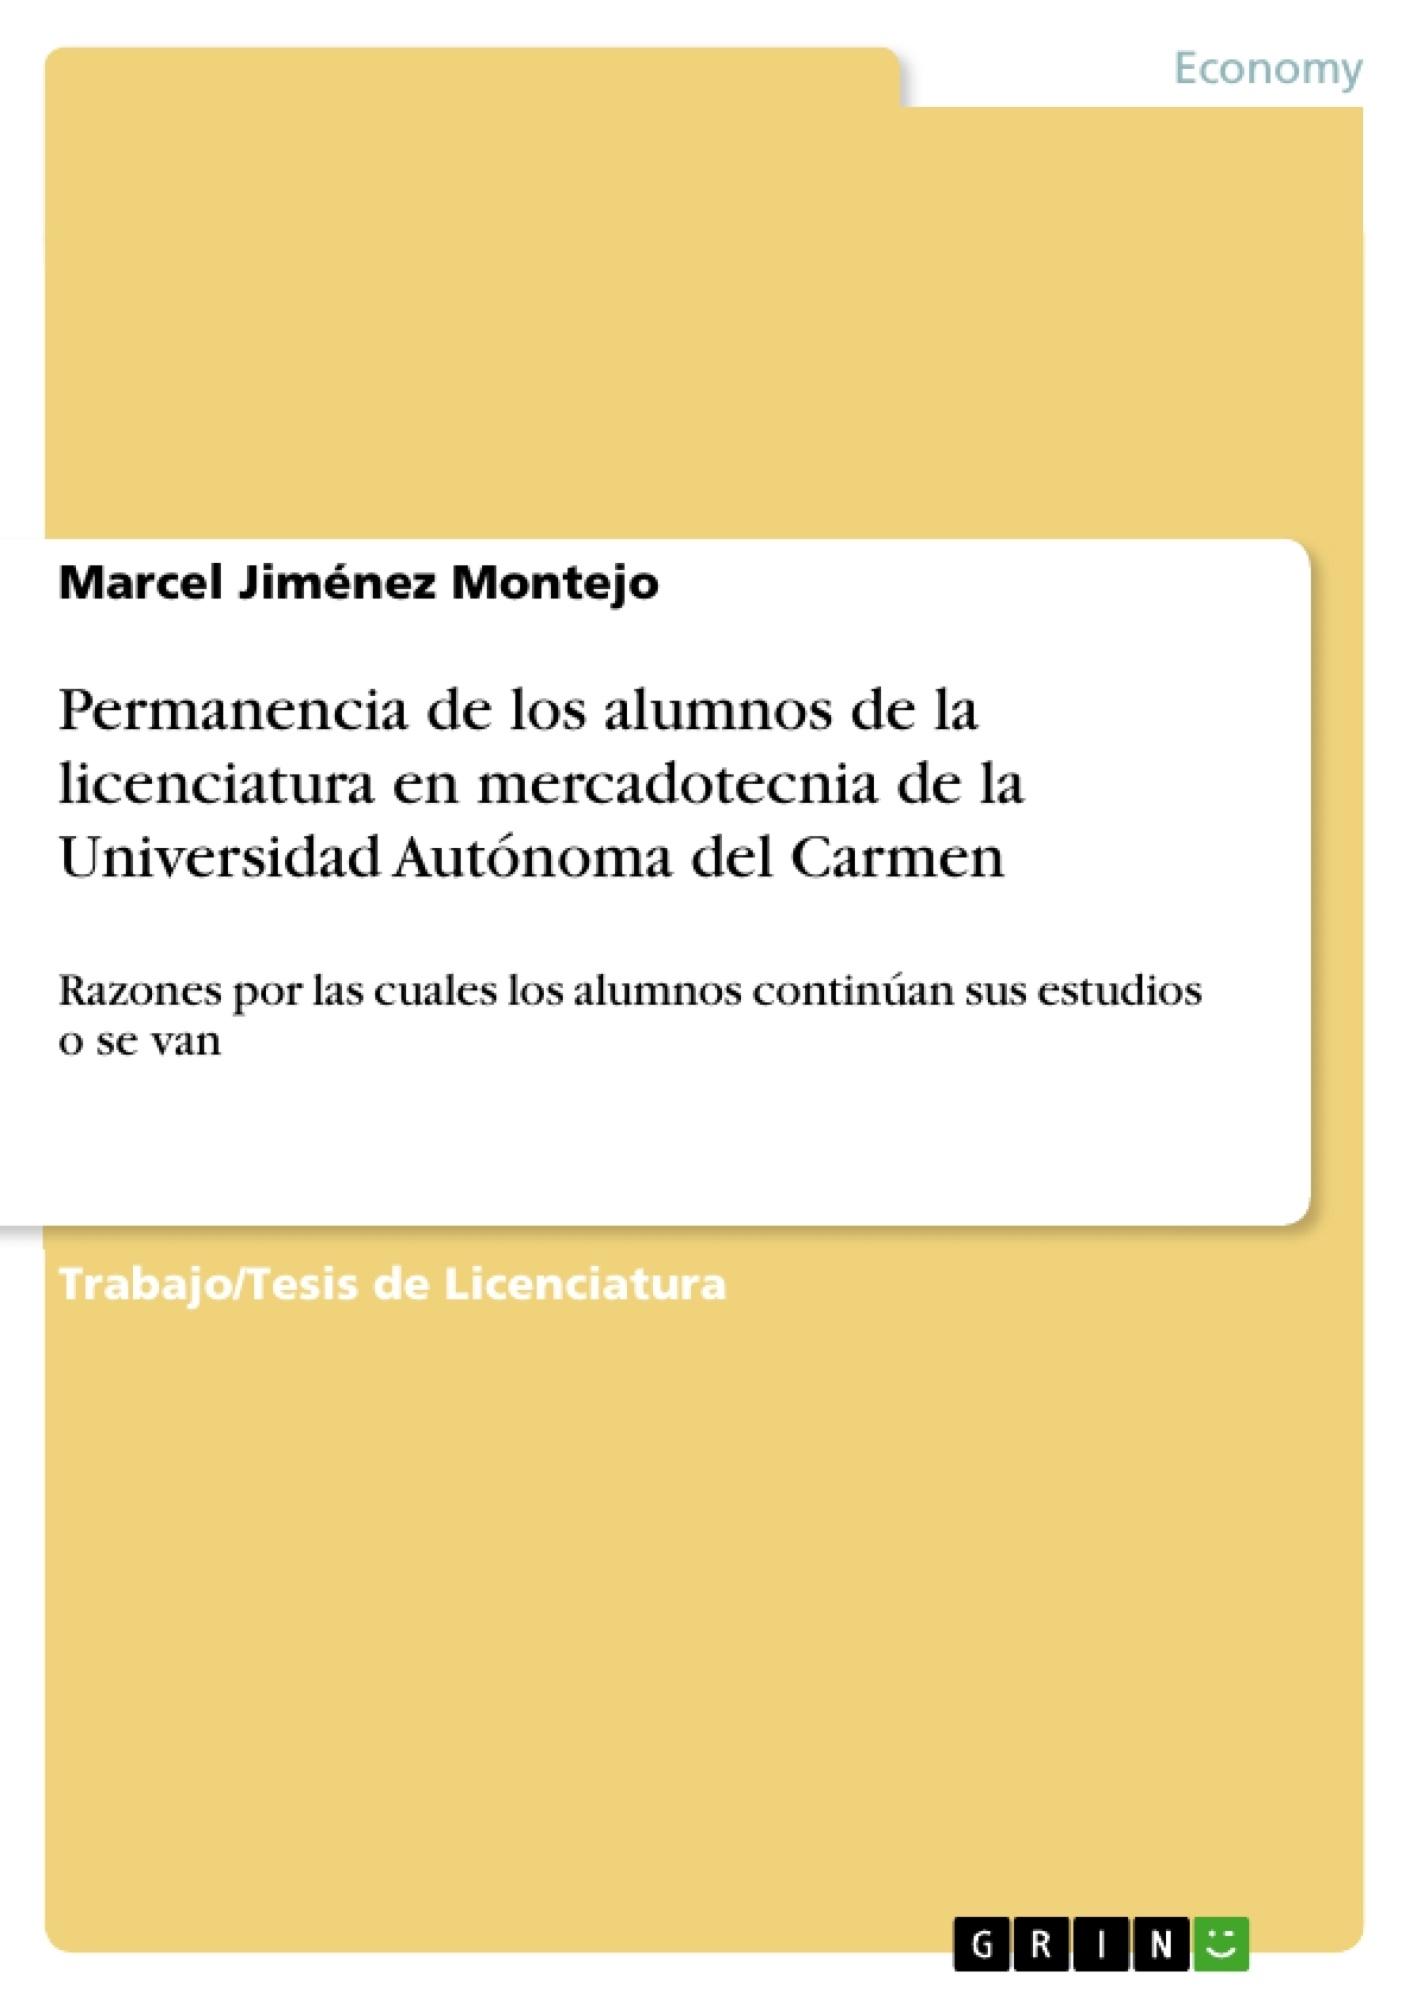 Título: Permanencia de los alumnos de la licenciatura en mercadotecnia de la Universidad Autónoma del Carmen